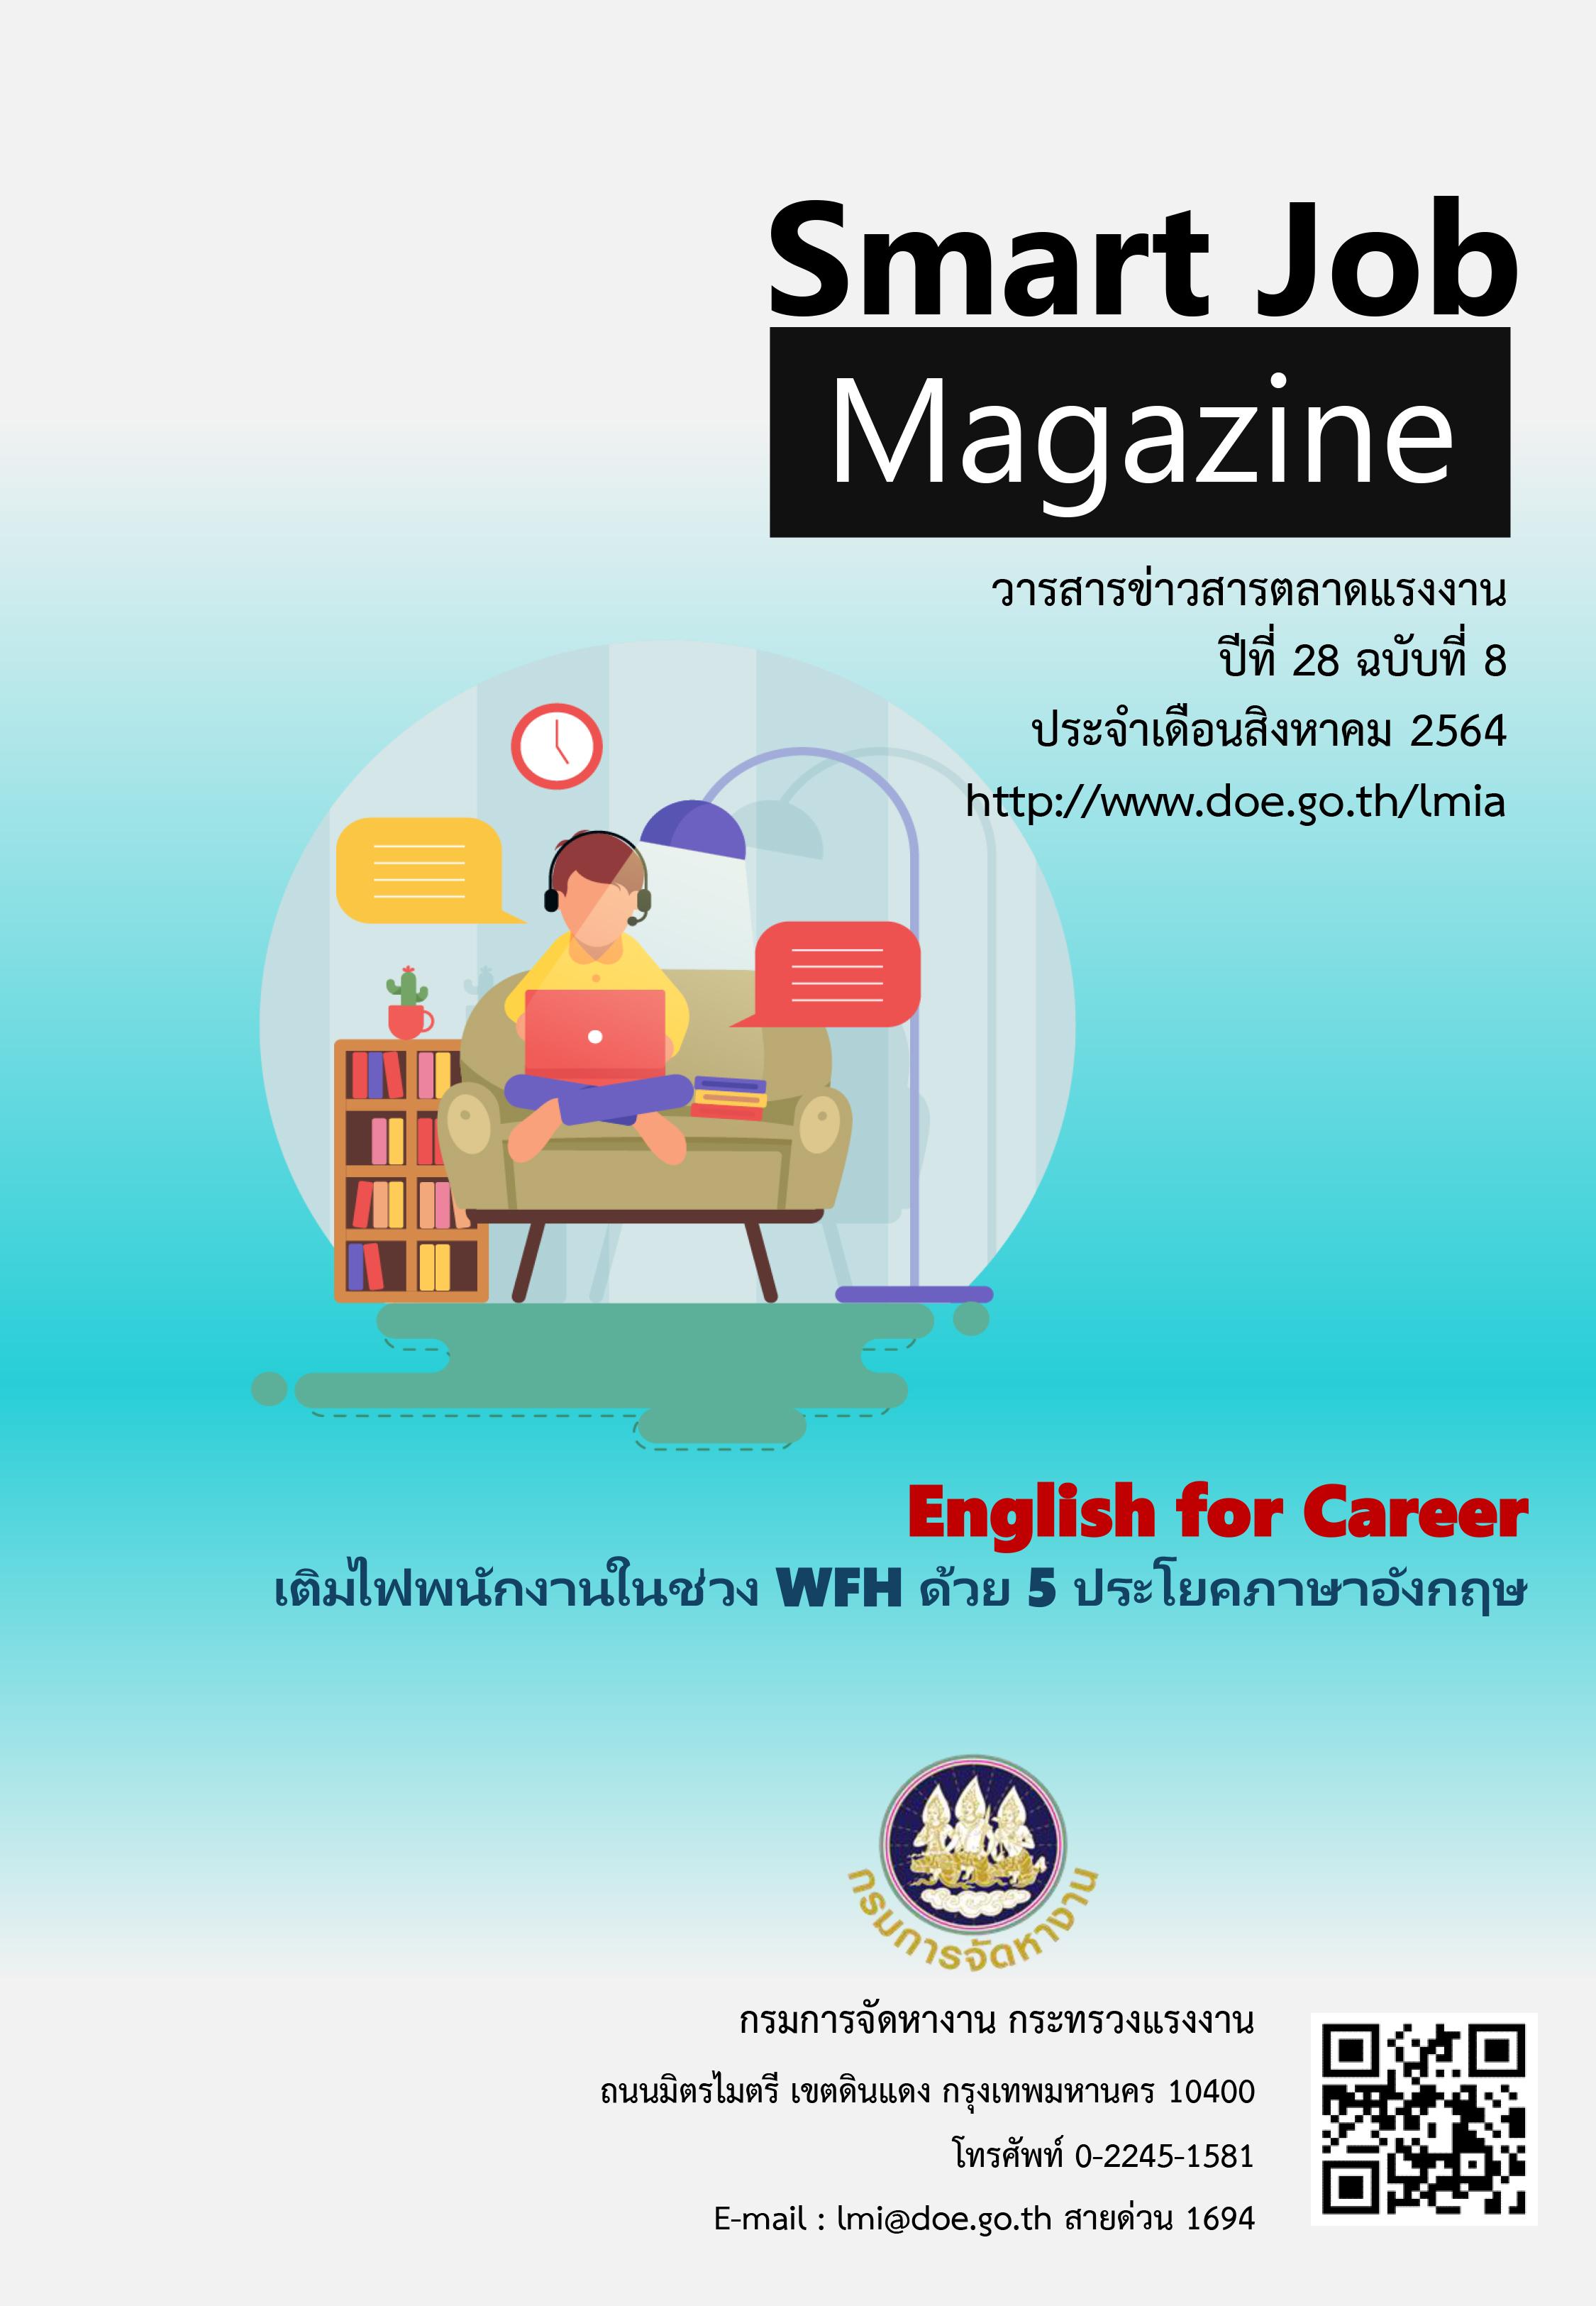 วารสารข่าวสารตลาดแรงงาน Smart Job Magazine ปีที่ 28 ฉบับที่ 8 เดือนสิงหาคม 2564